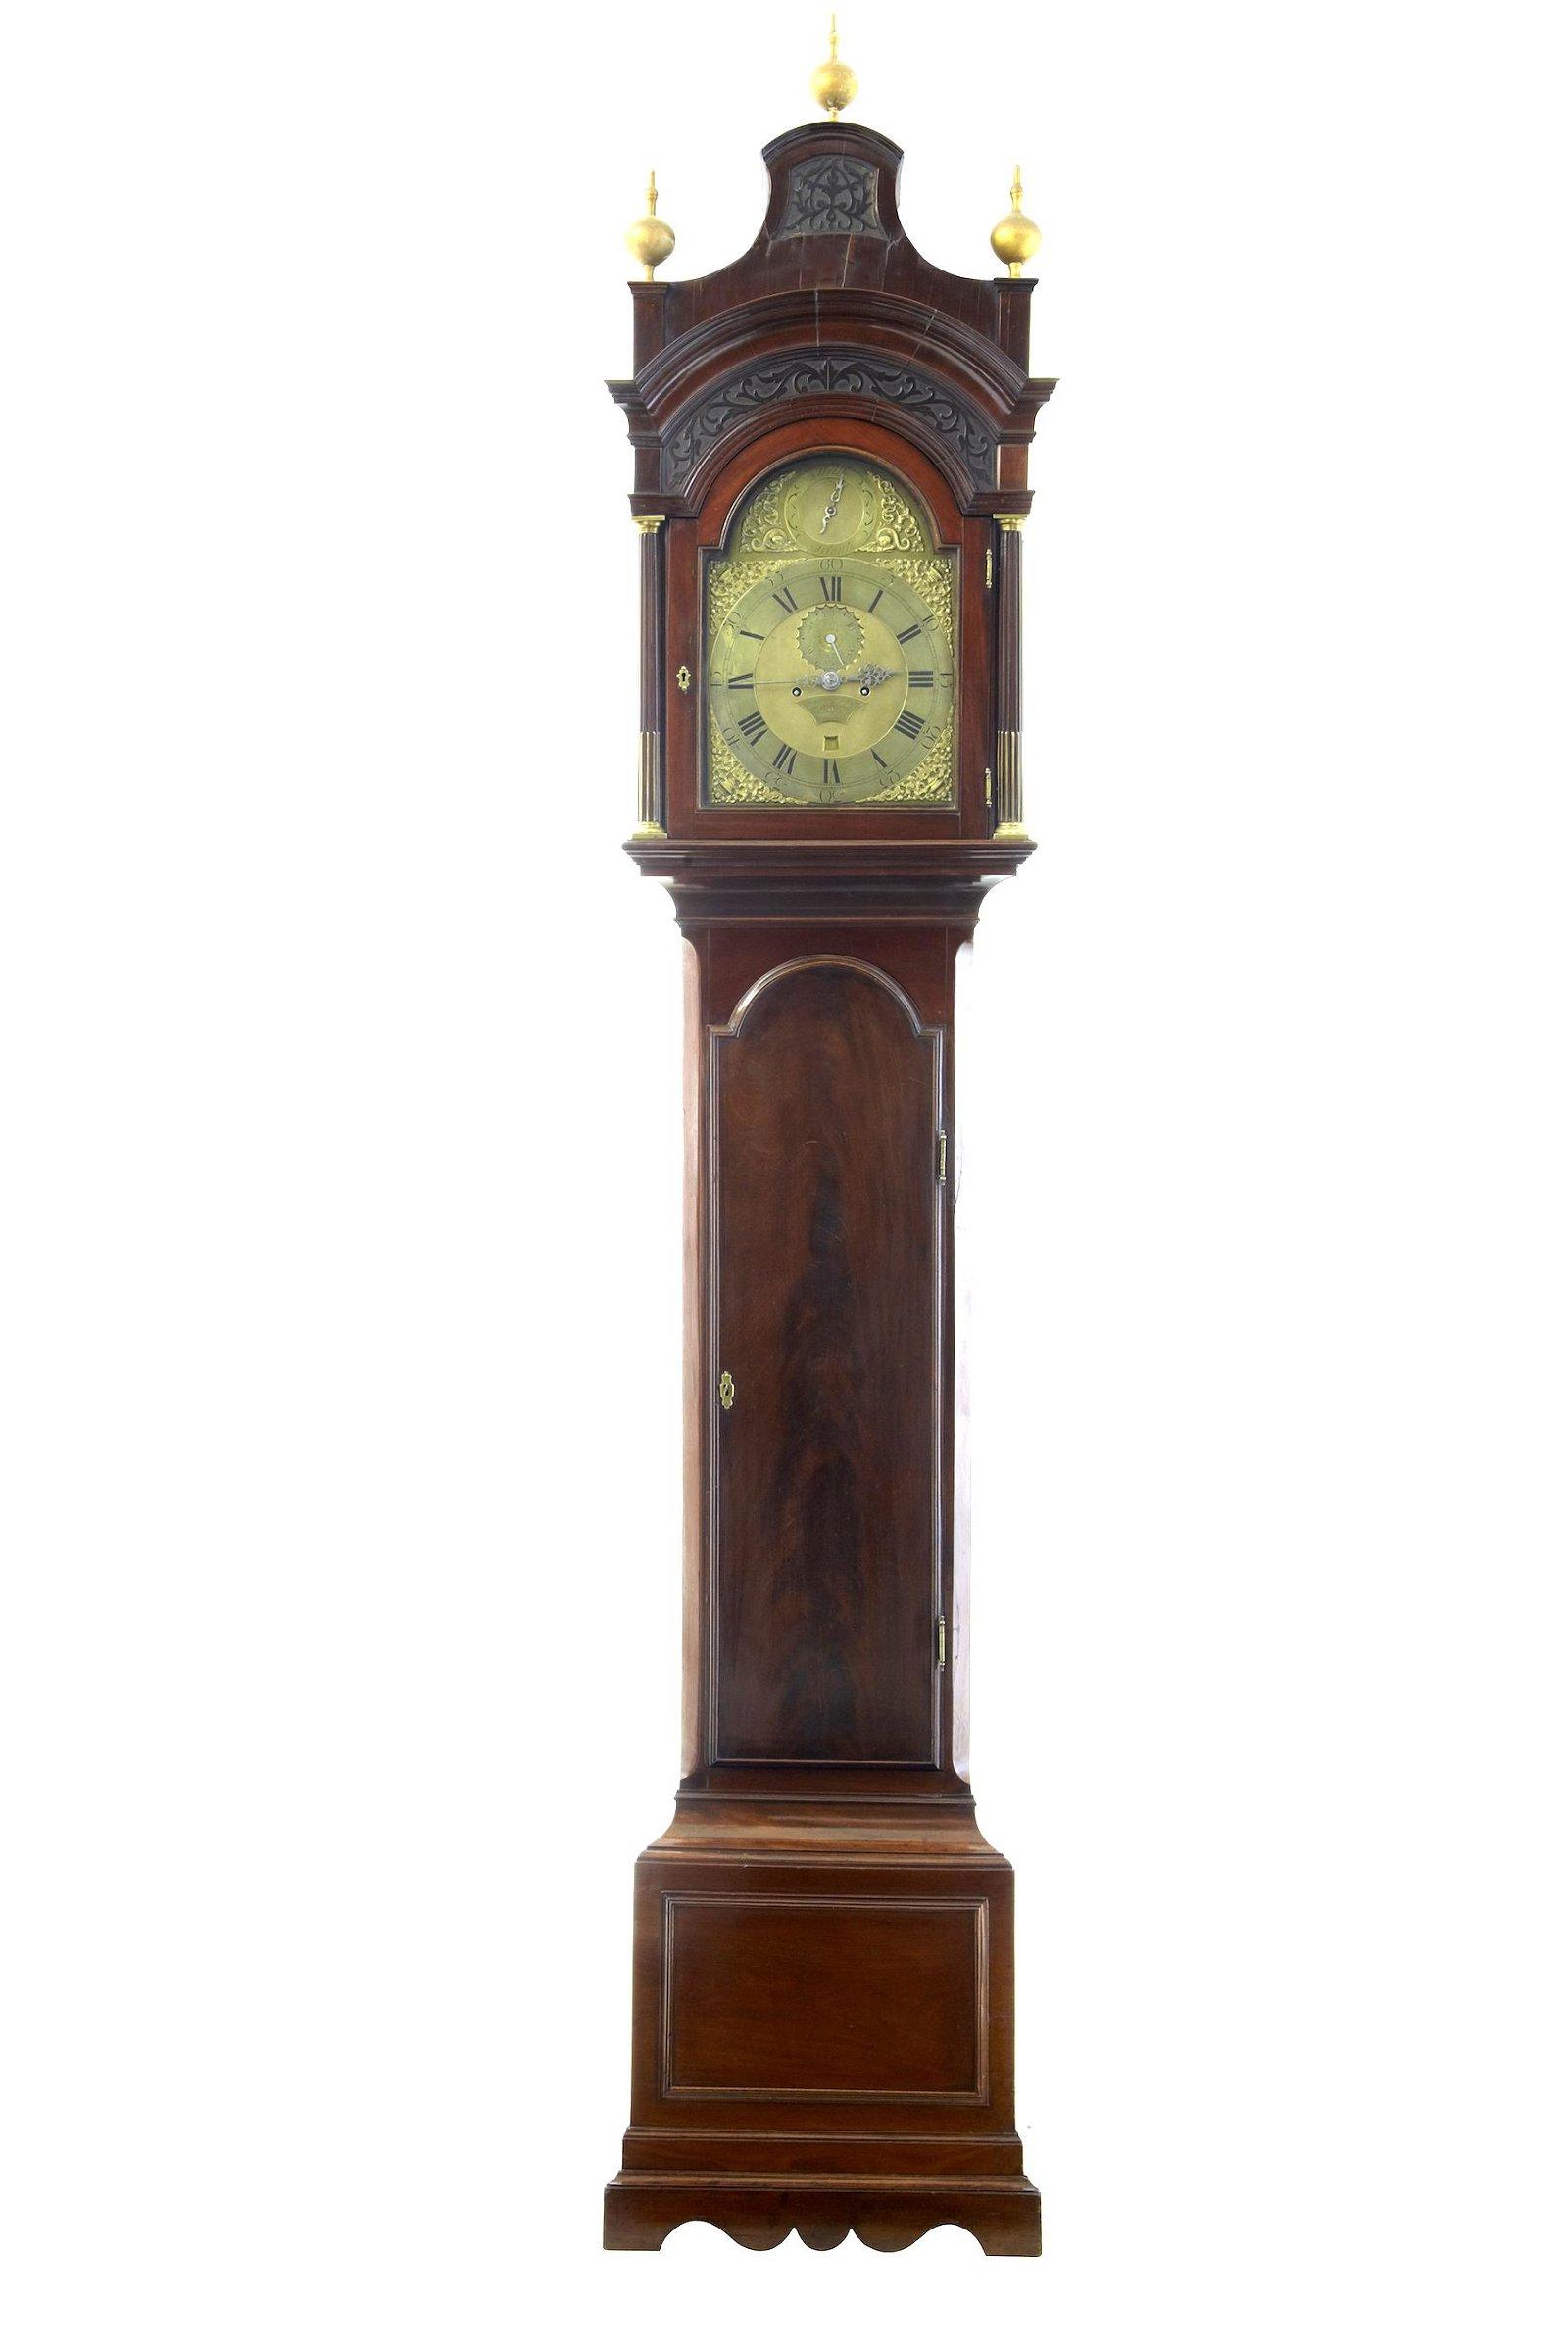 18TH CENTURY MAHOGANY LONGCASE GRANDFATHER CLOCK